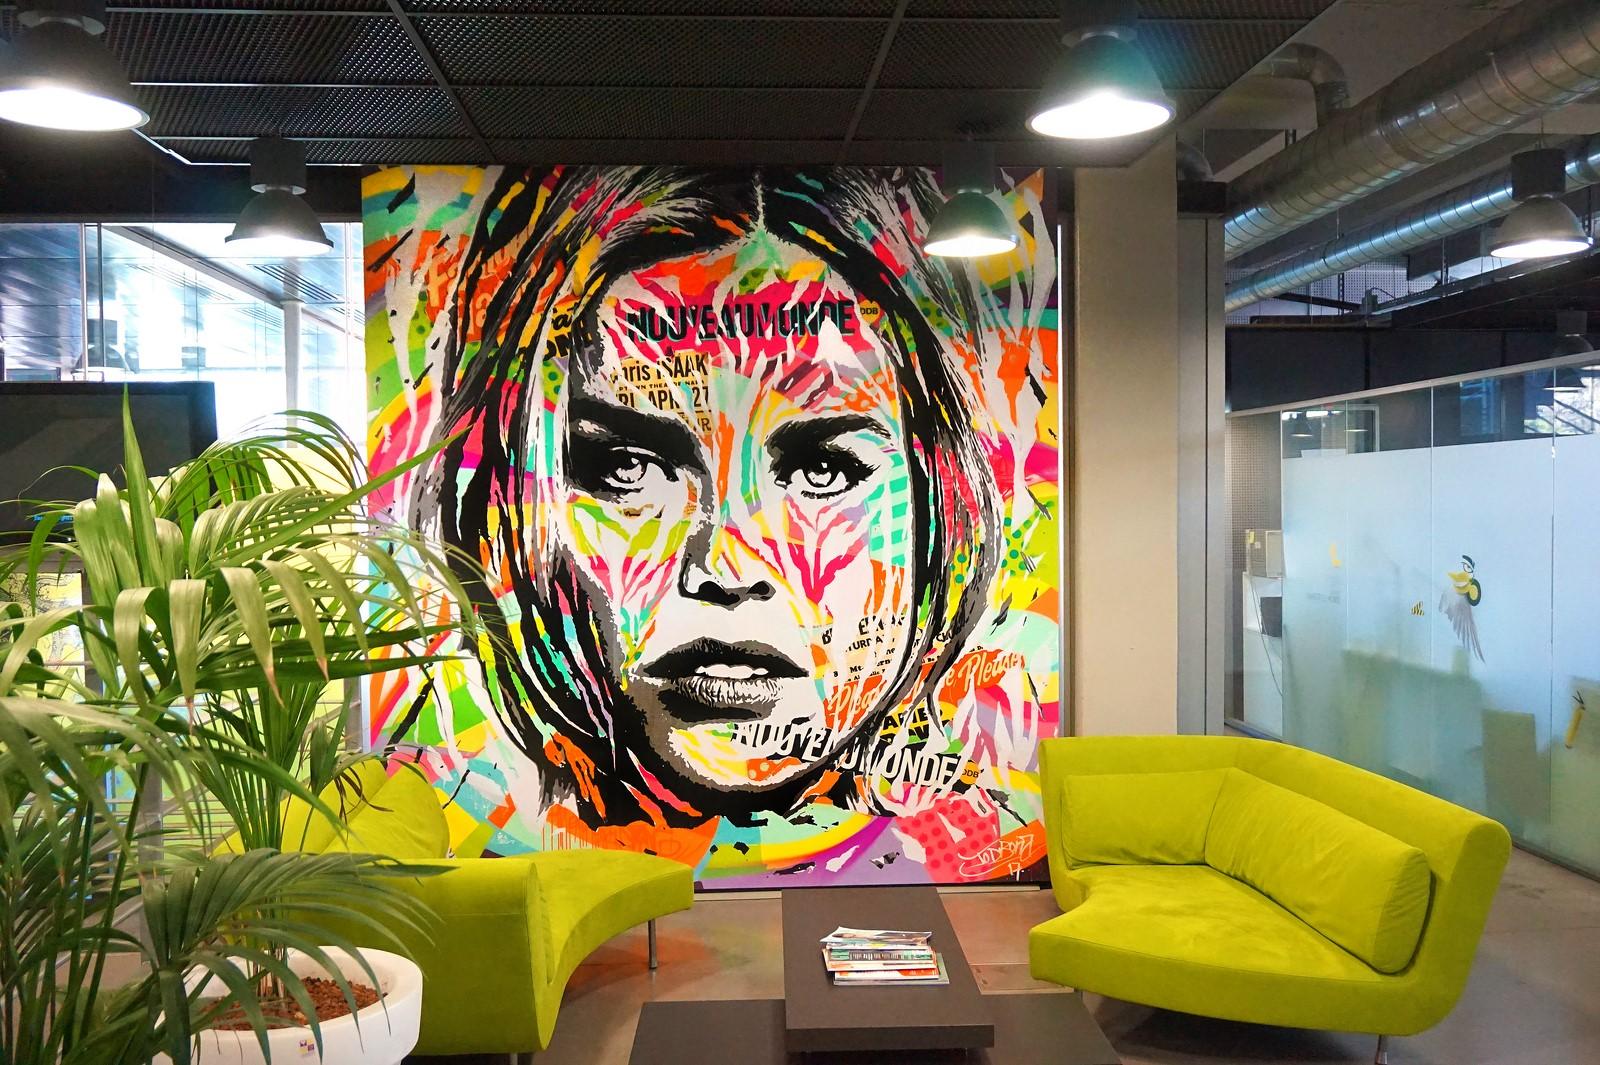 murals 2017 jo di bona. Black Bedroom Furniture Sets. Home Design Ideas